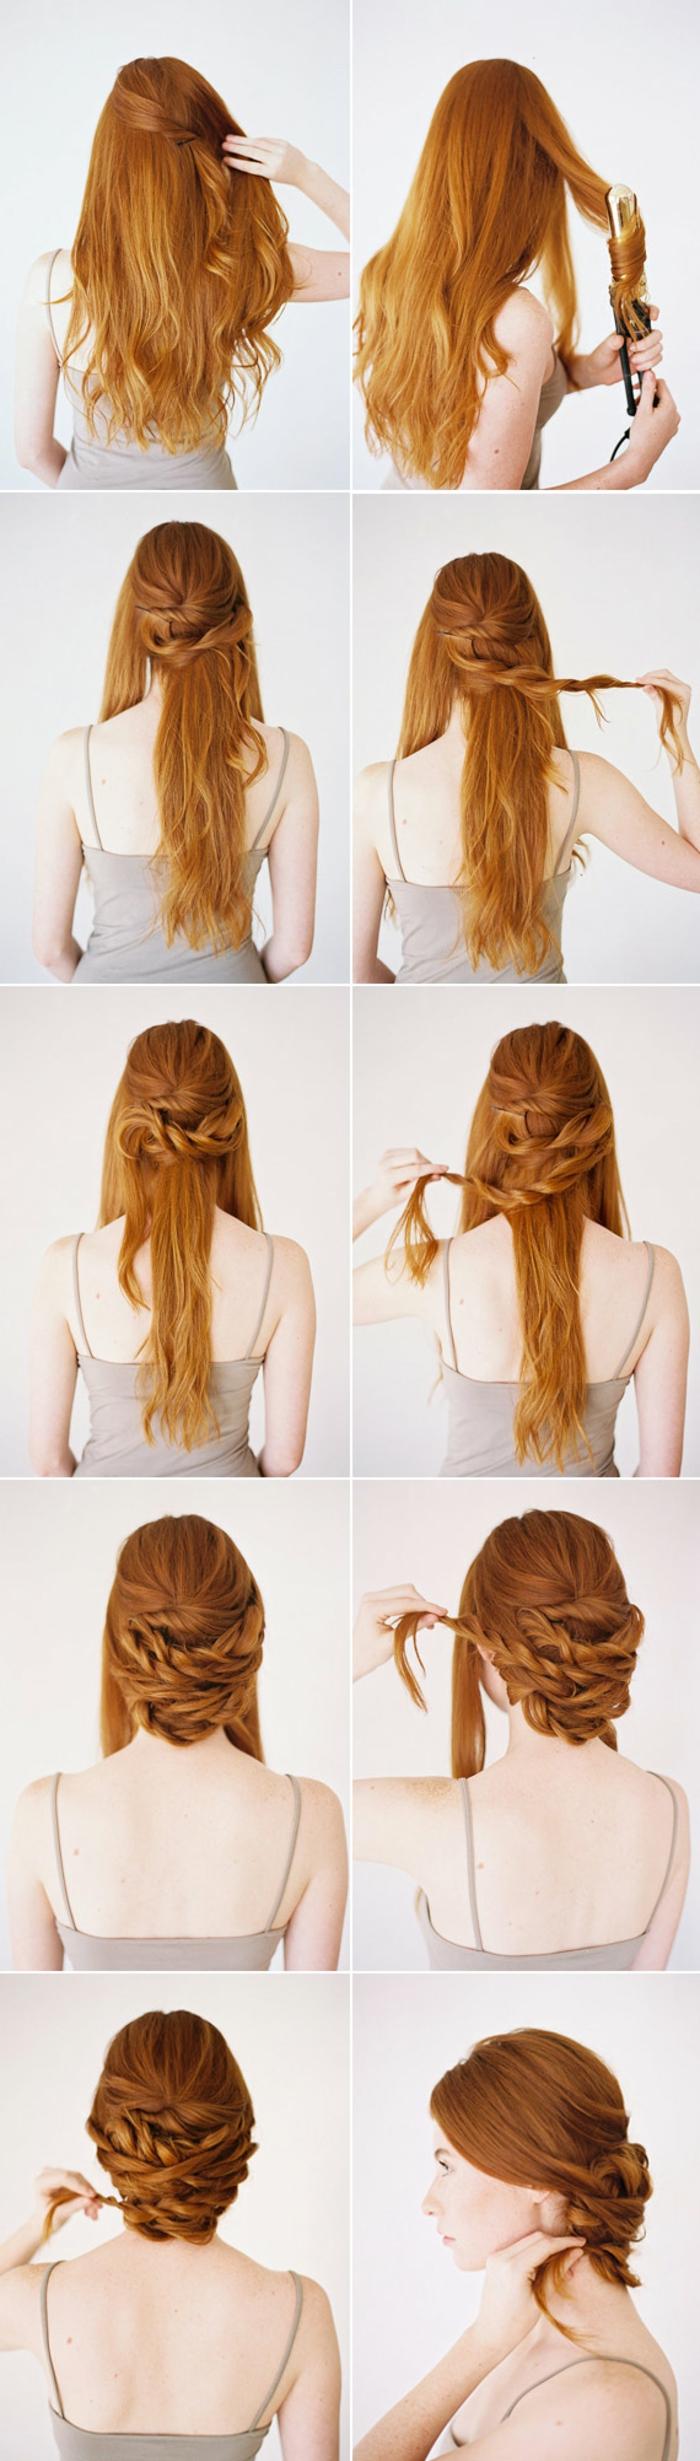 Voir exemple de coiffure mariée cheveux courts photos image comment faire une coiffure de mariage pas à pas